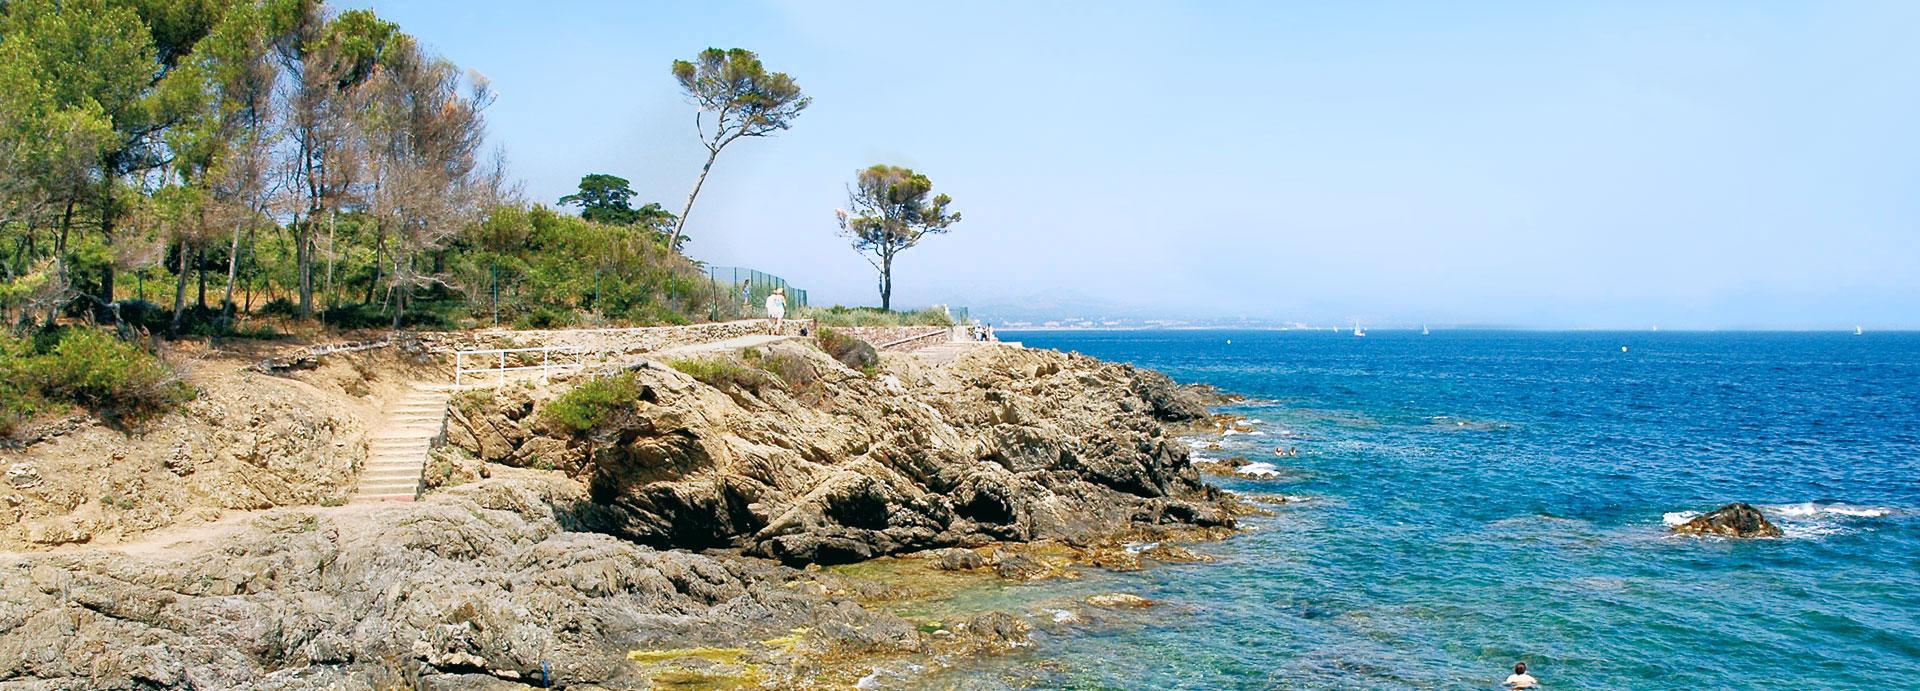 Location de vacances sur la c te d azur r sidence les - Meteo marine port camargue saint raphael ...